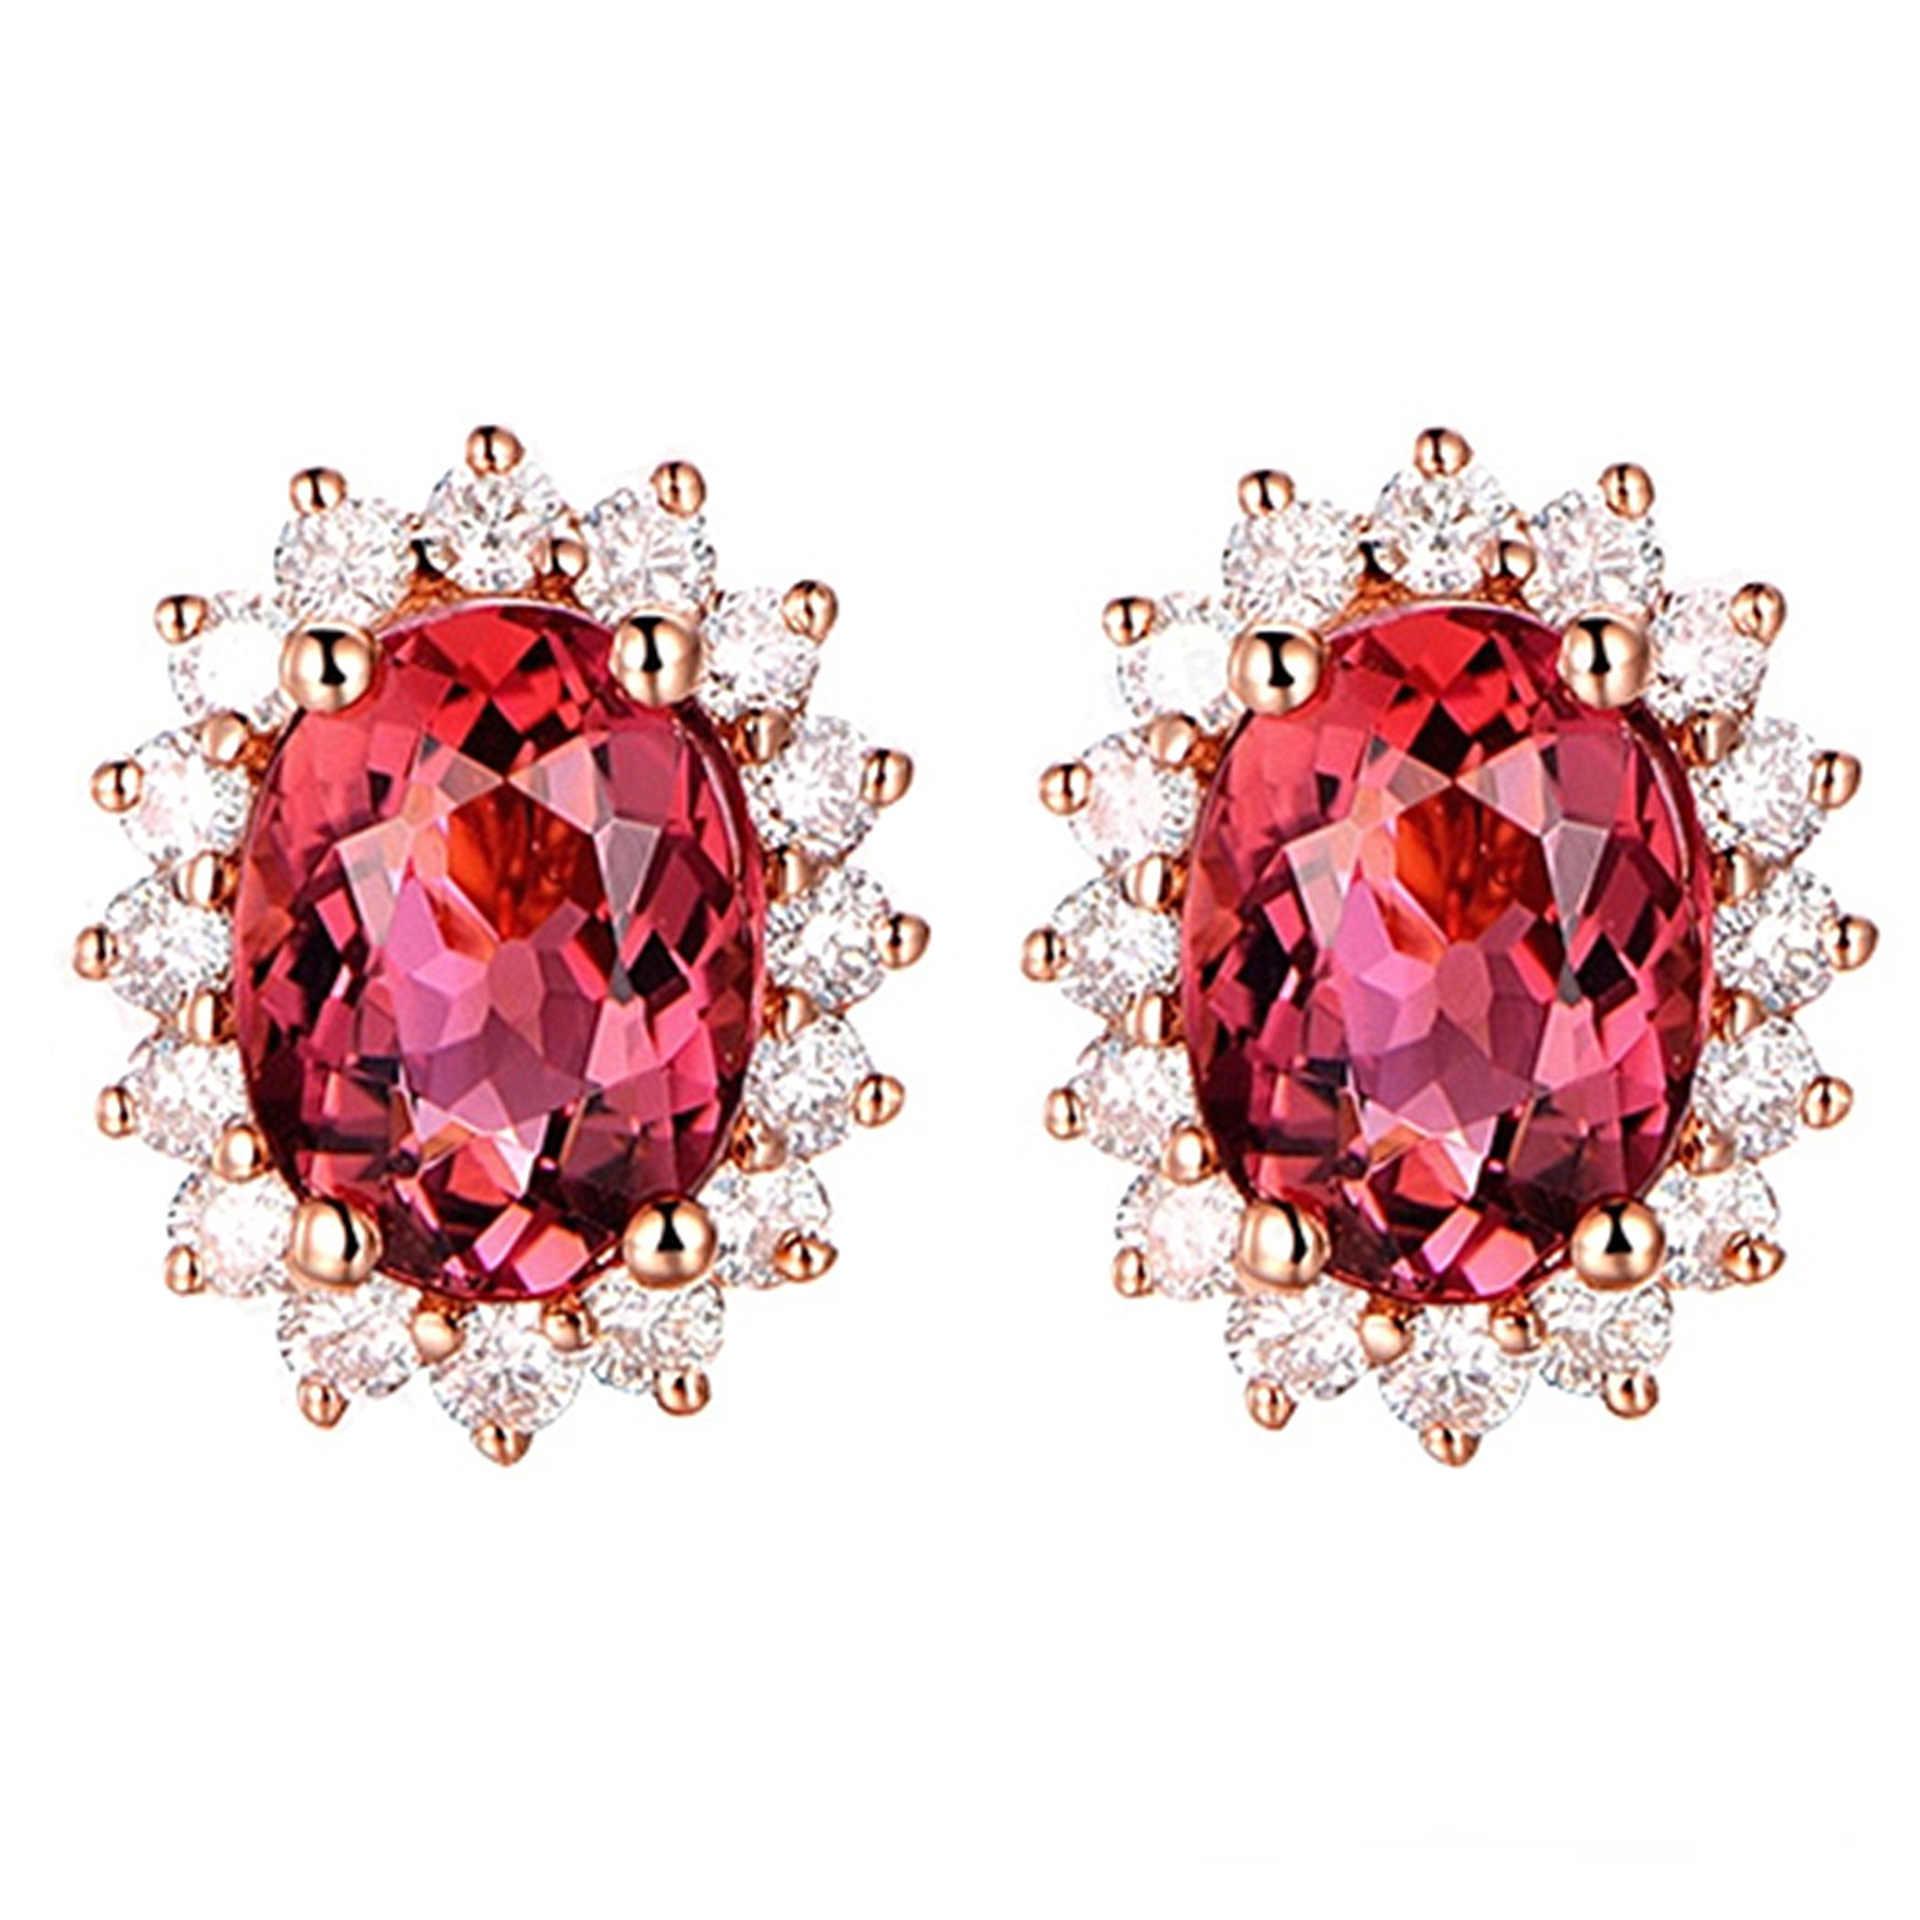 ダイアナケイト新ファッション銅女性ジルコンクリスタルイヤリング英国王室の女性ジュエリーローズゴールド赤宝石ジルコンのスタッドピアス